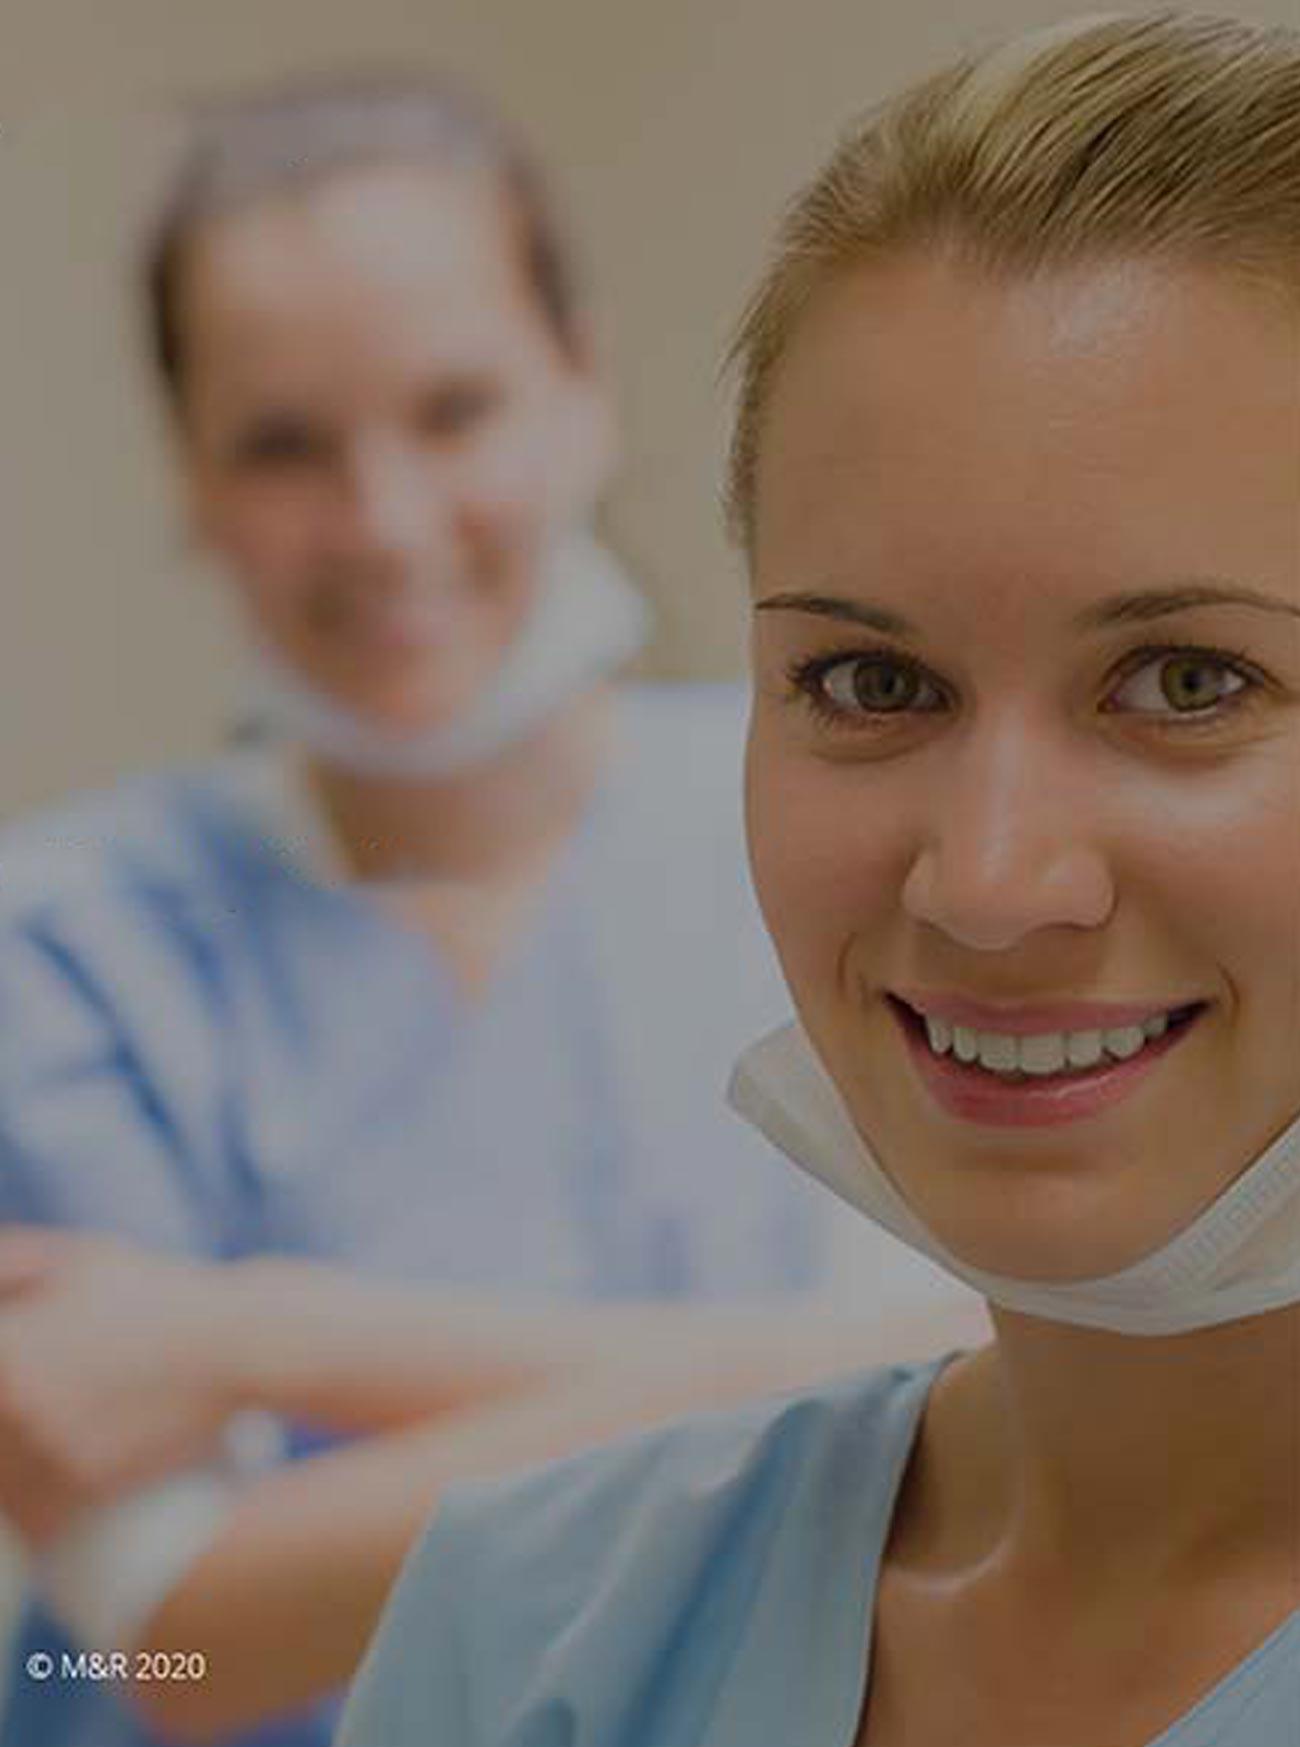 ipa-surgery-academy-clienti-MeR-agenzia-comunicazione-creazione-sito-internet